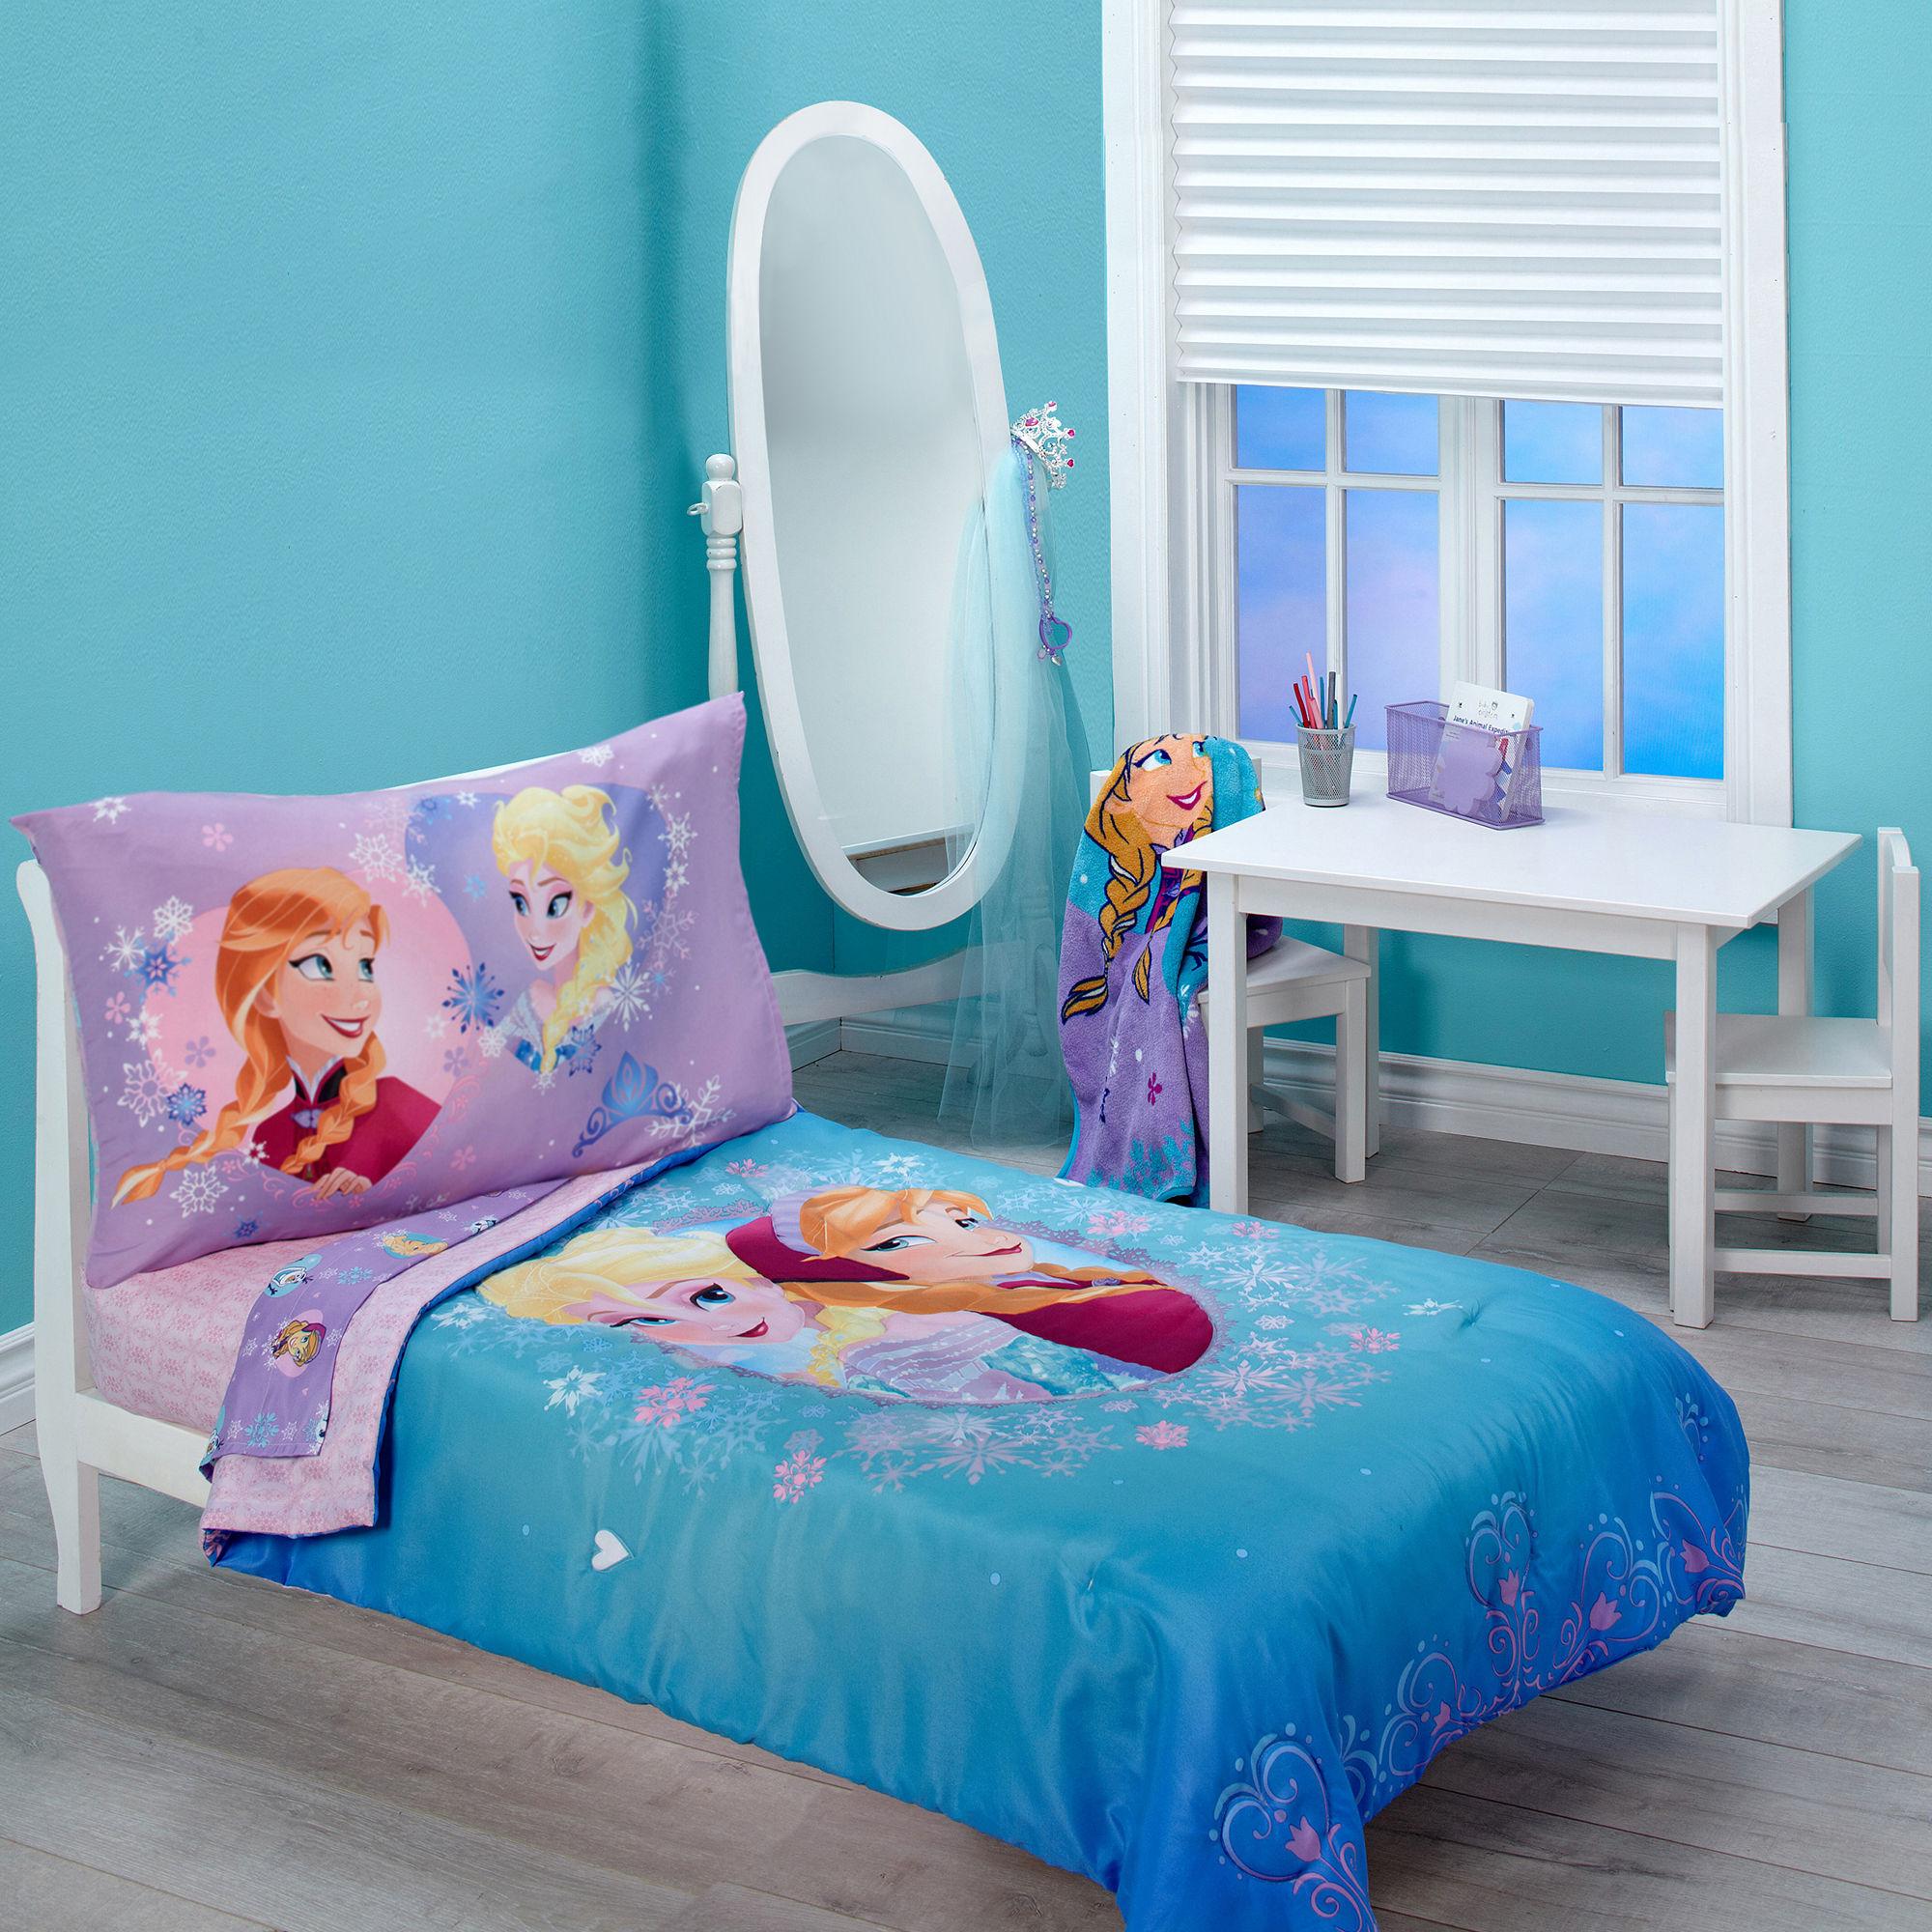 Toddler Bed PinkToddler Duvet Cover Pink Toddler Bed